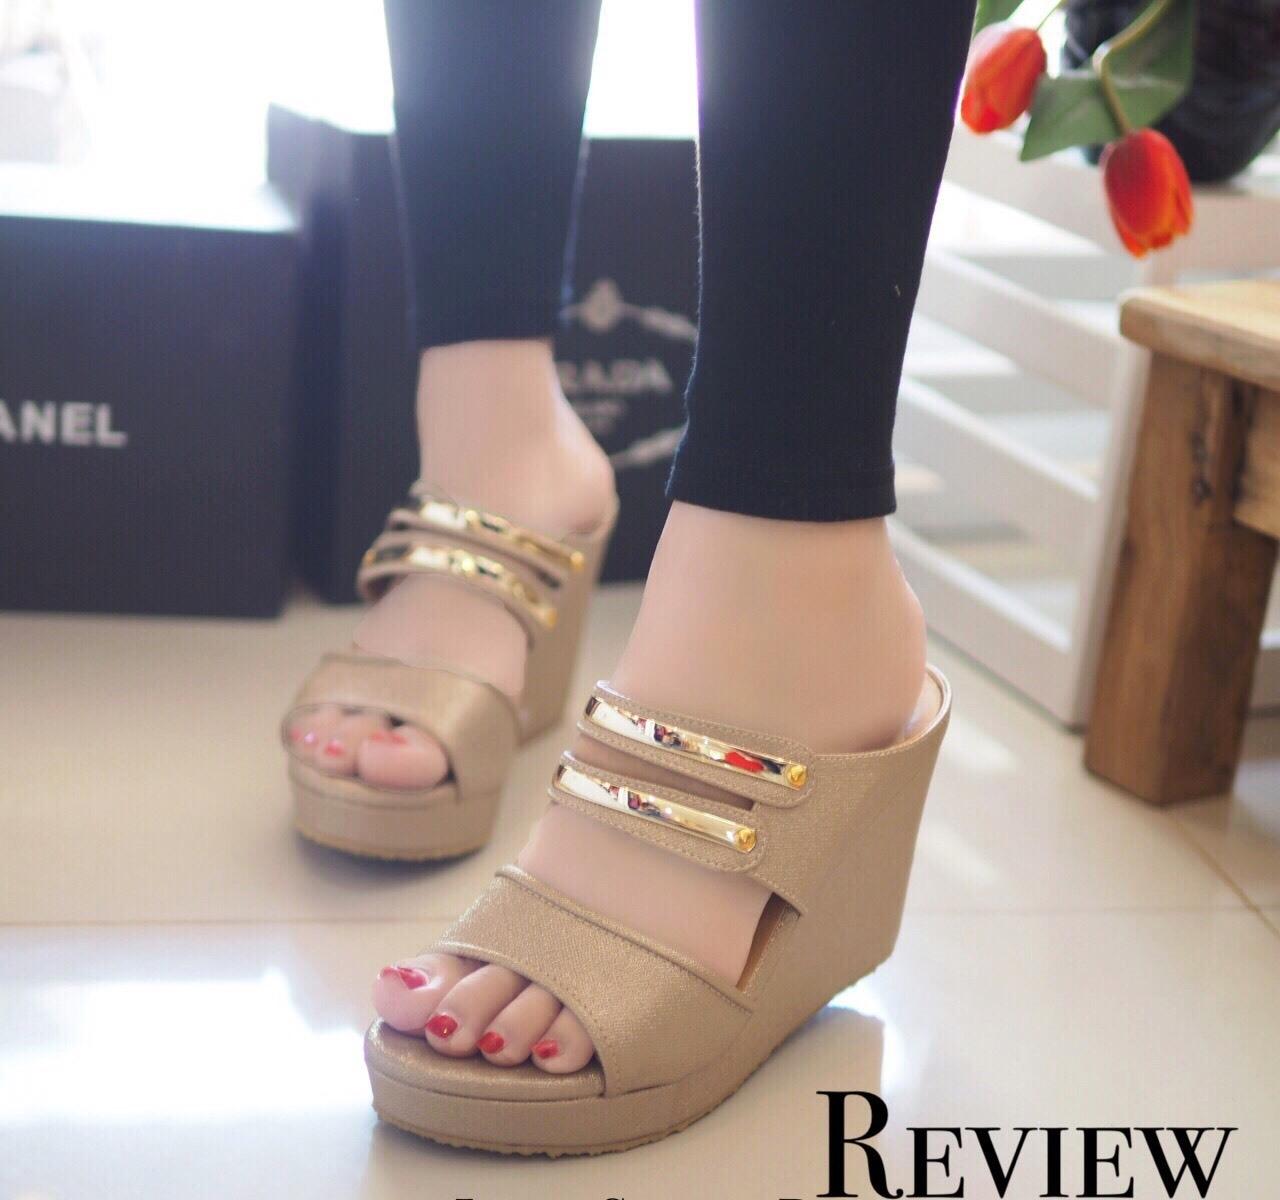 รองเท้าส้นเตารีดคาดทอง Zara Style (สีทอง)